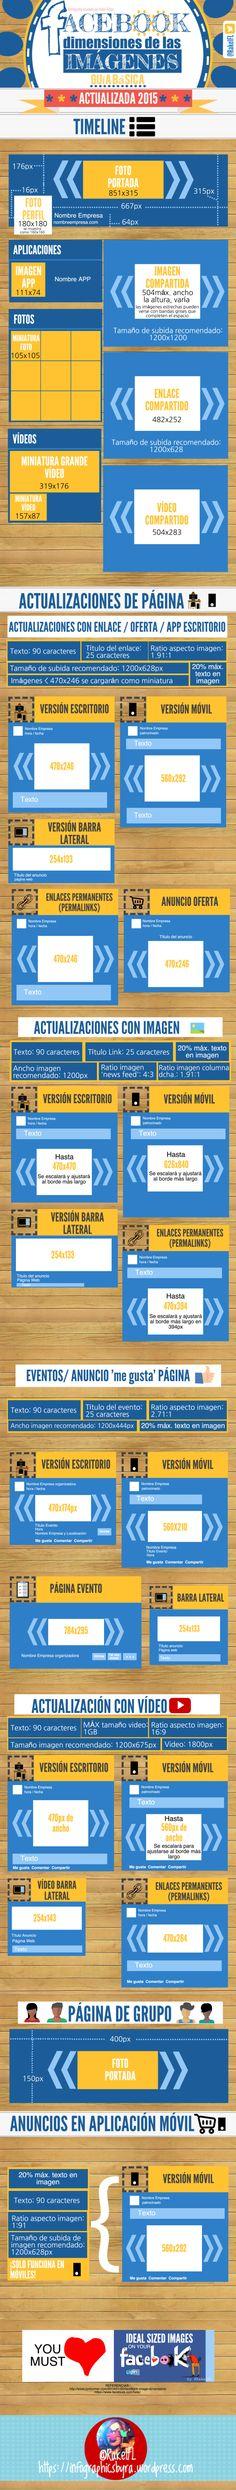 Todas las dimensiones de las imágenes en FaceBook (2015) #infografia #infographic #socialmedia